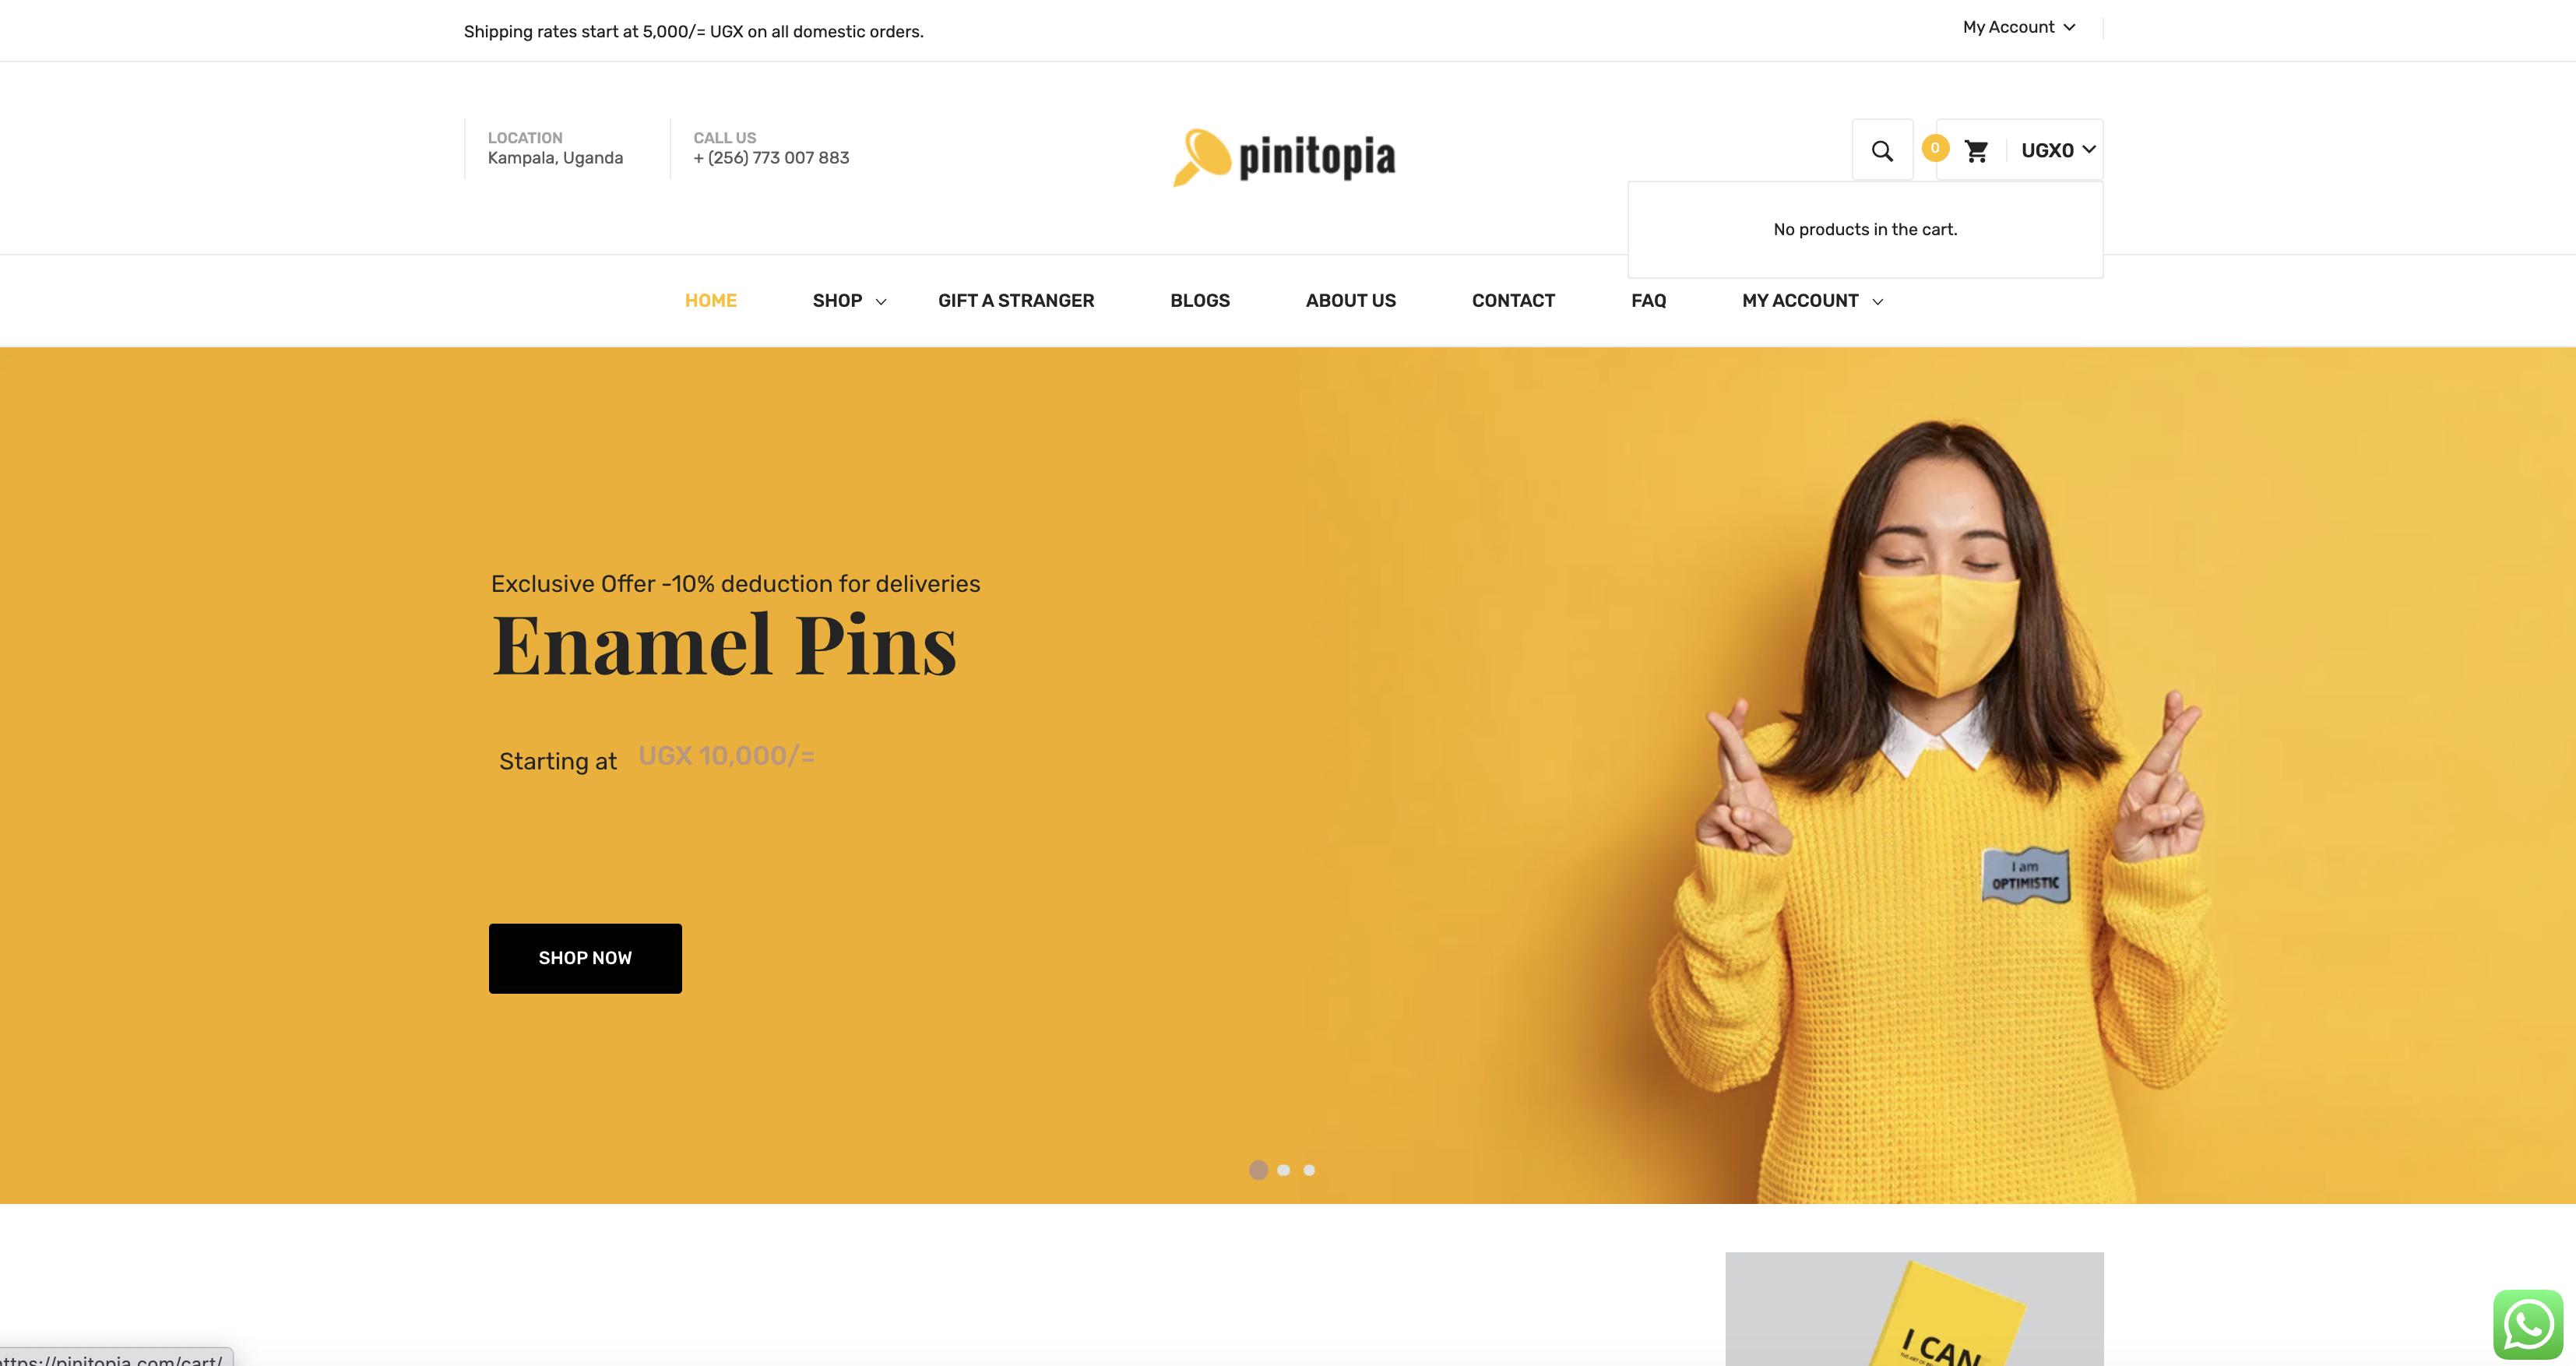 Pinitopia.com